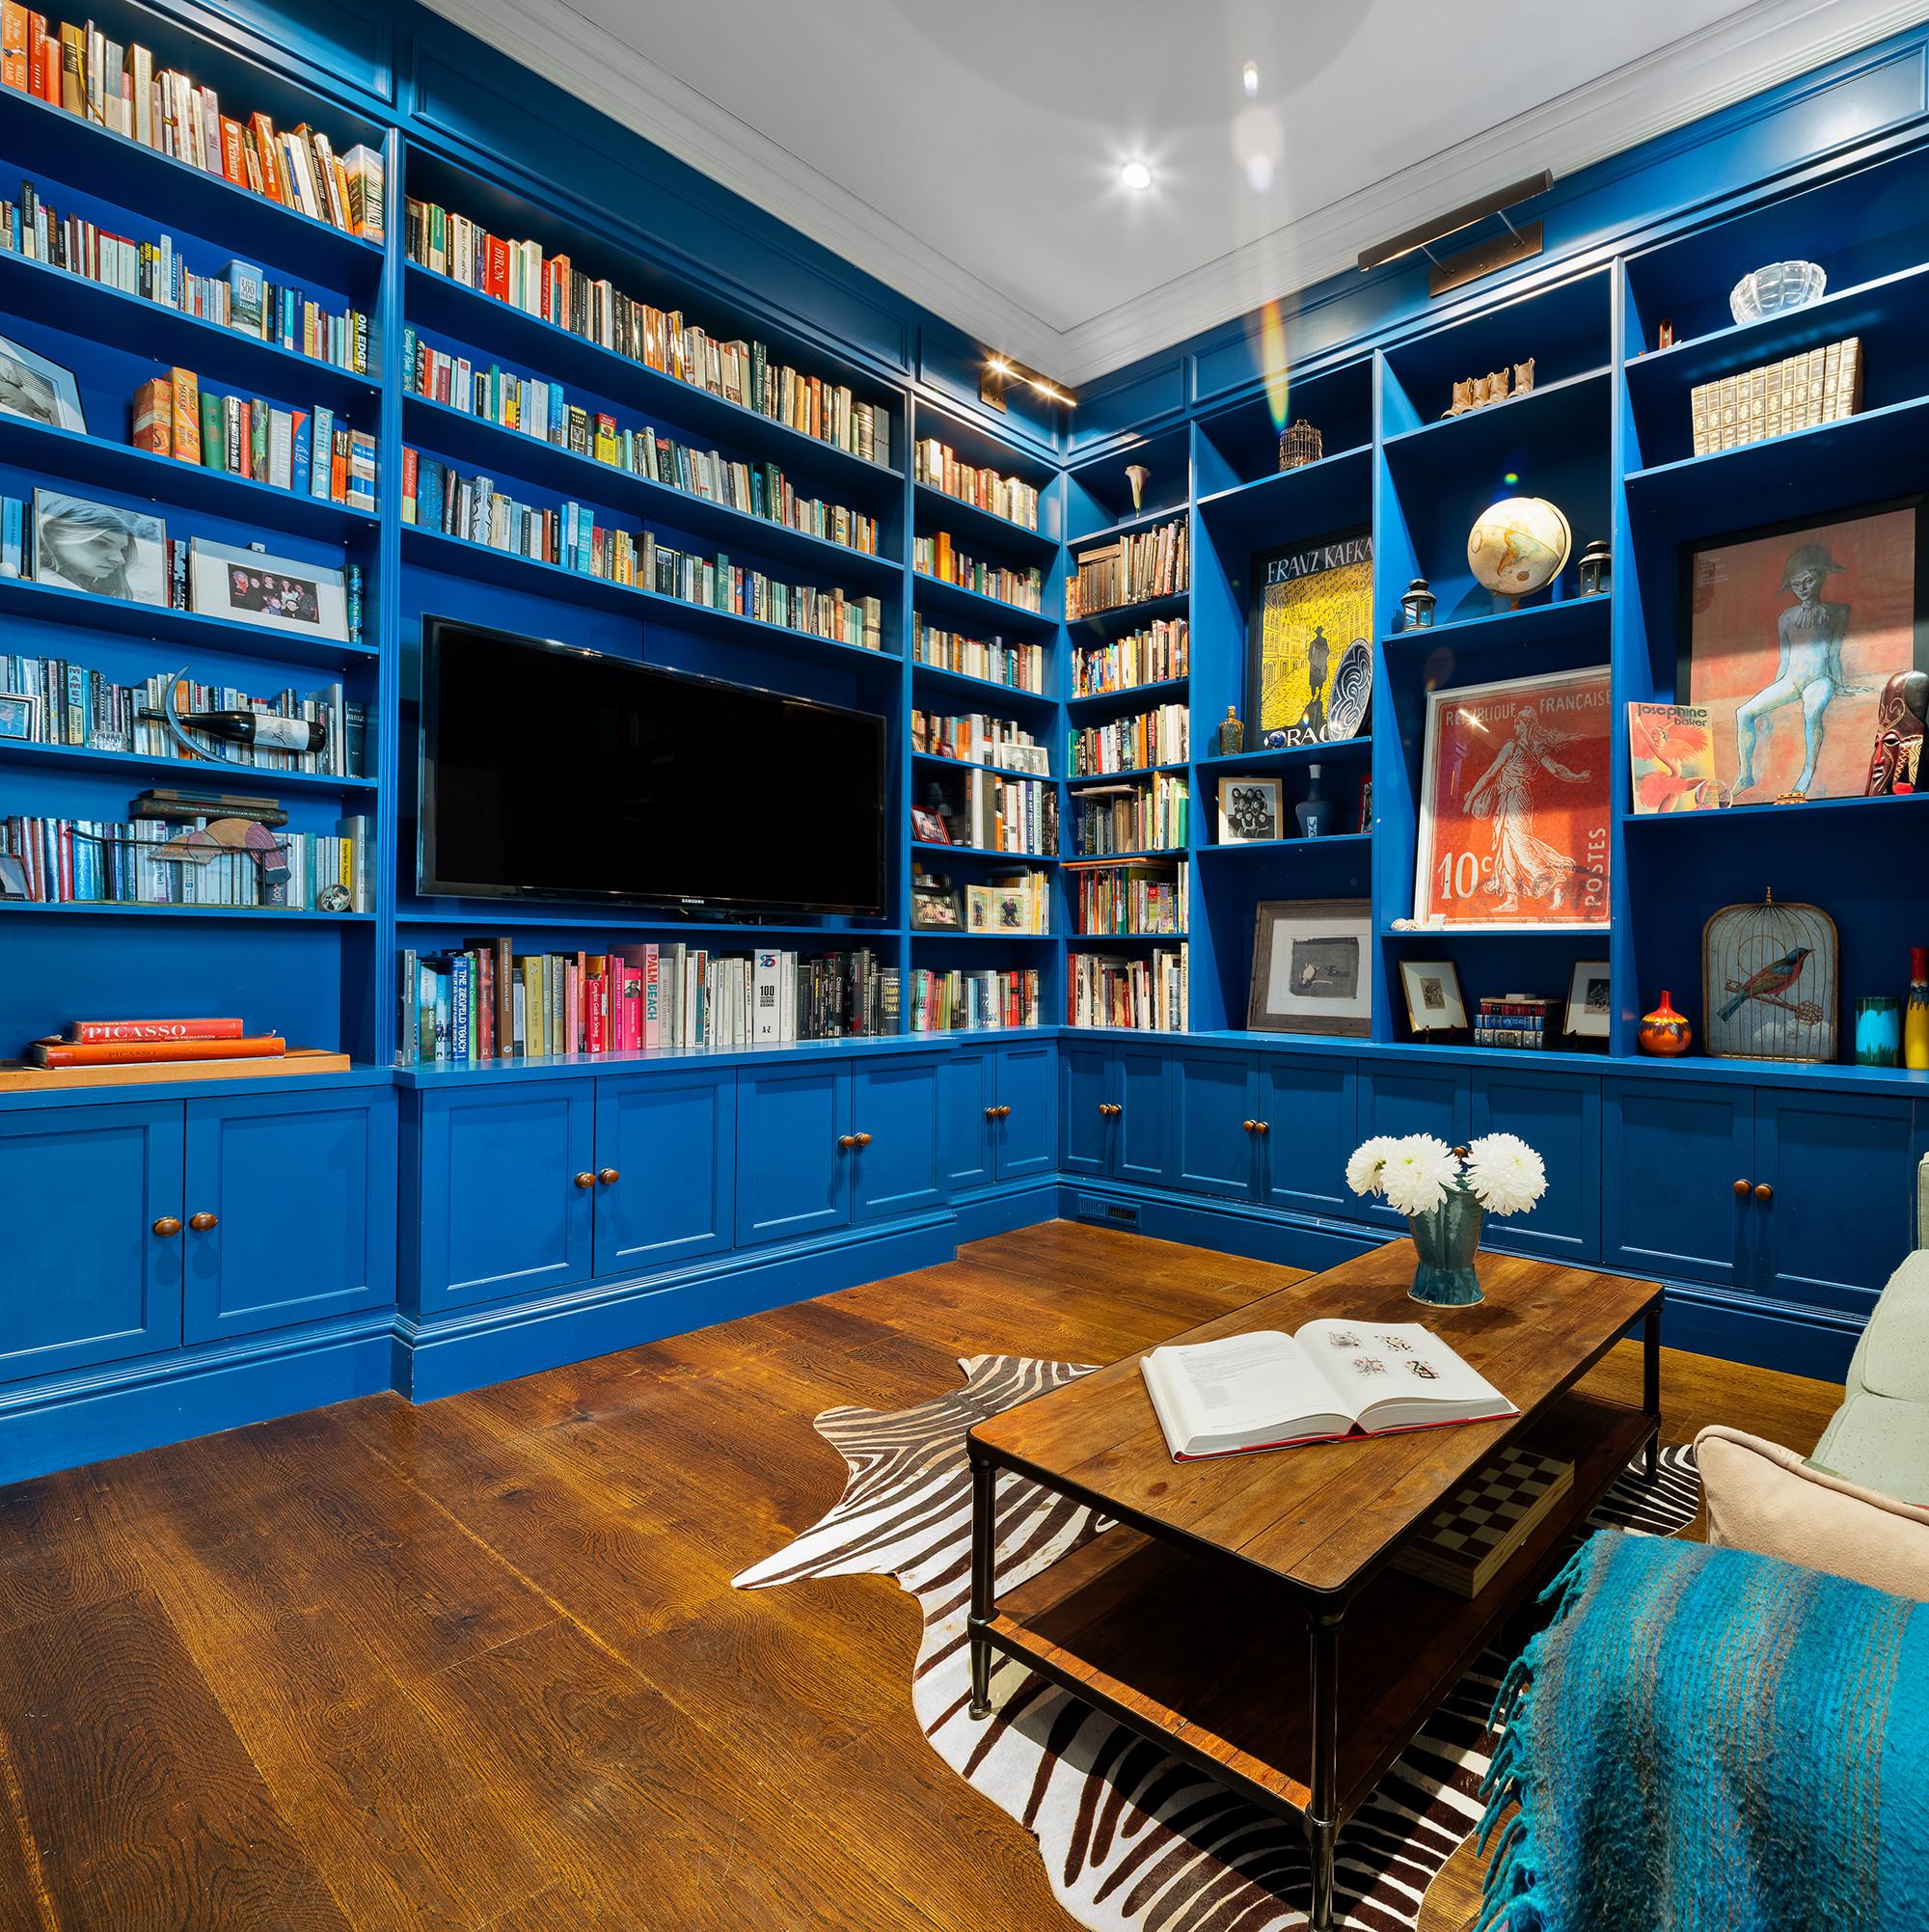 Biggie Smalls' Apartment Library